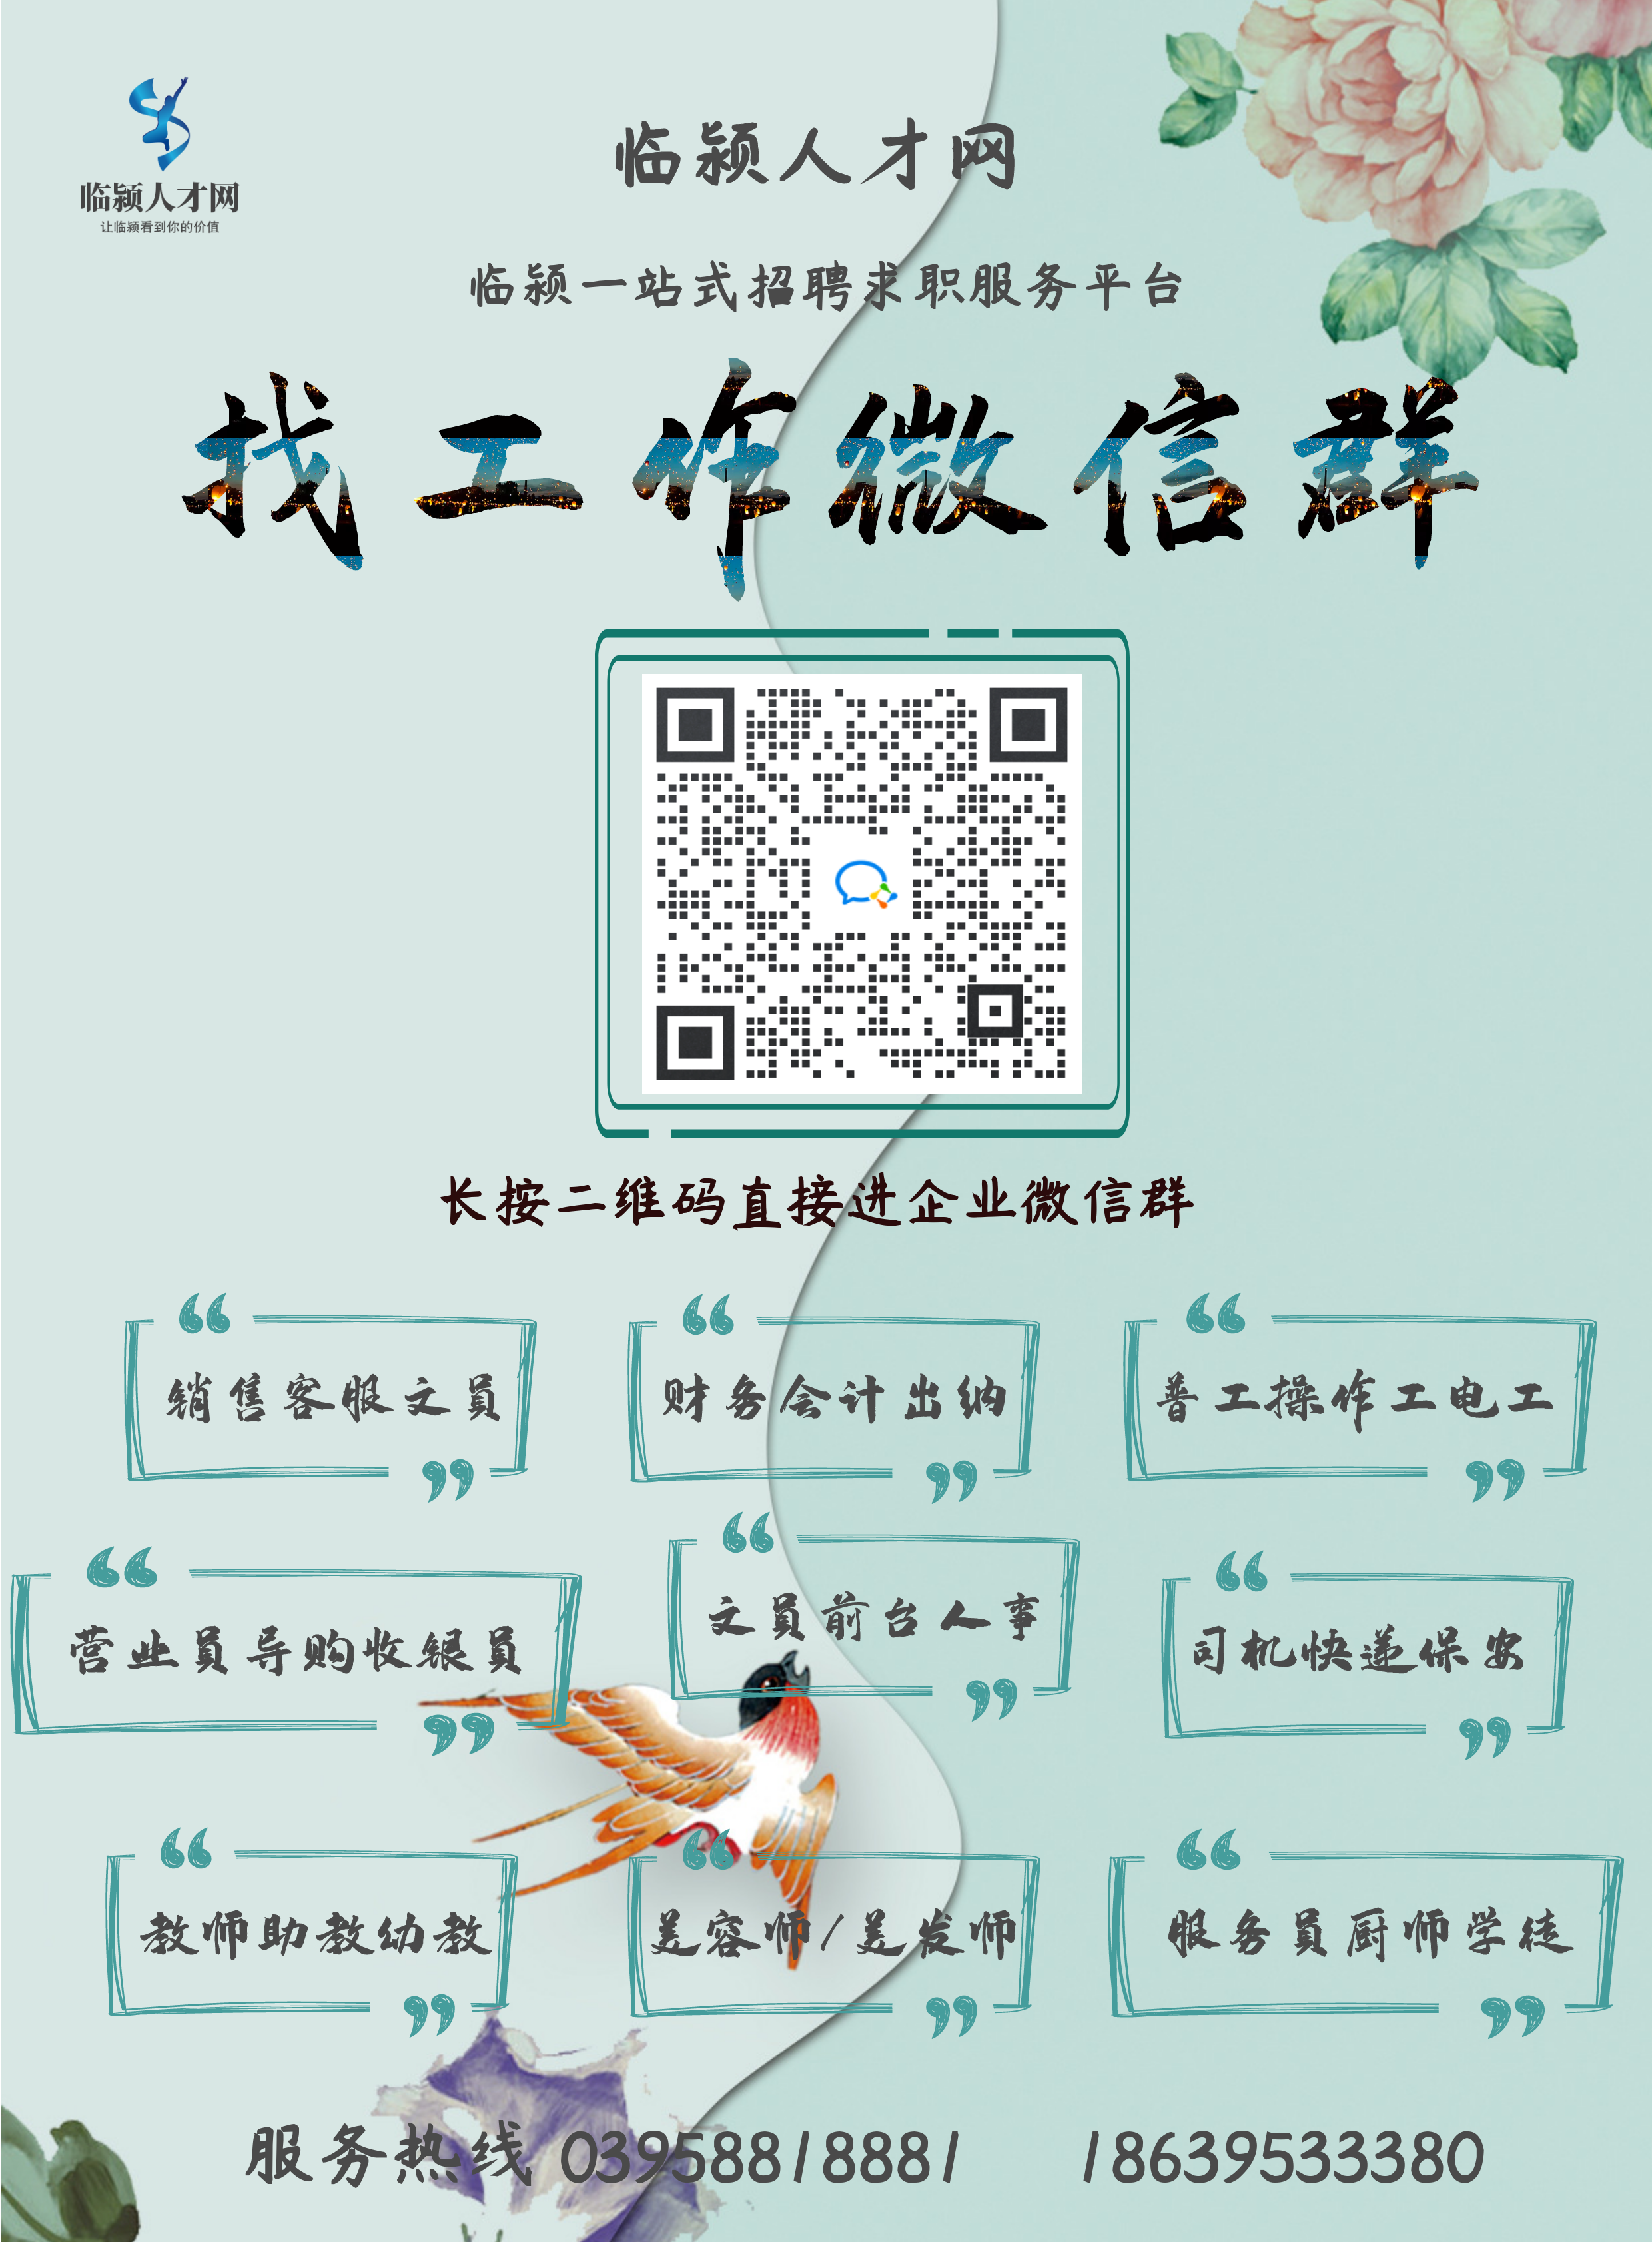 临颍人才网求职交流企业微信群免费入